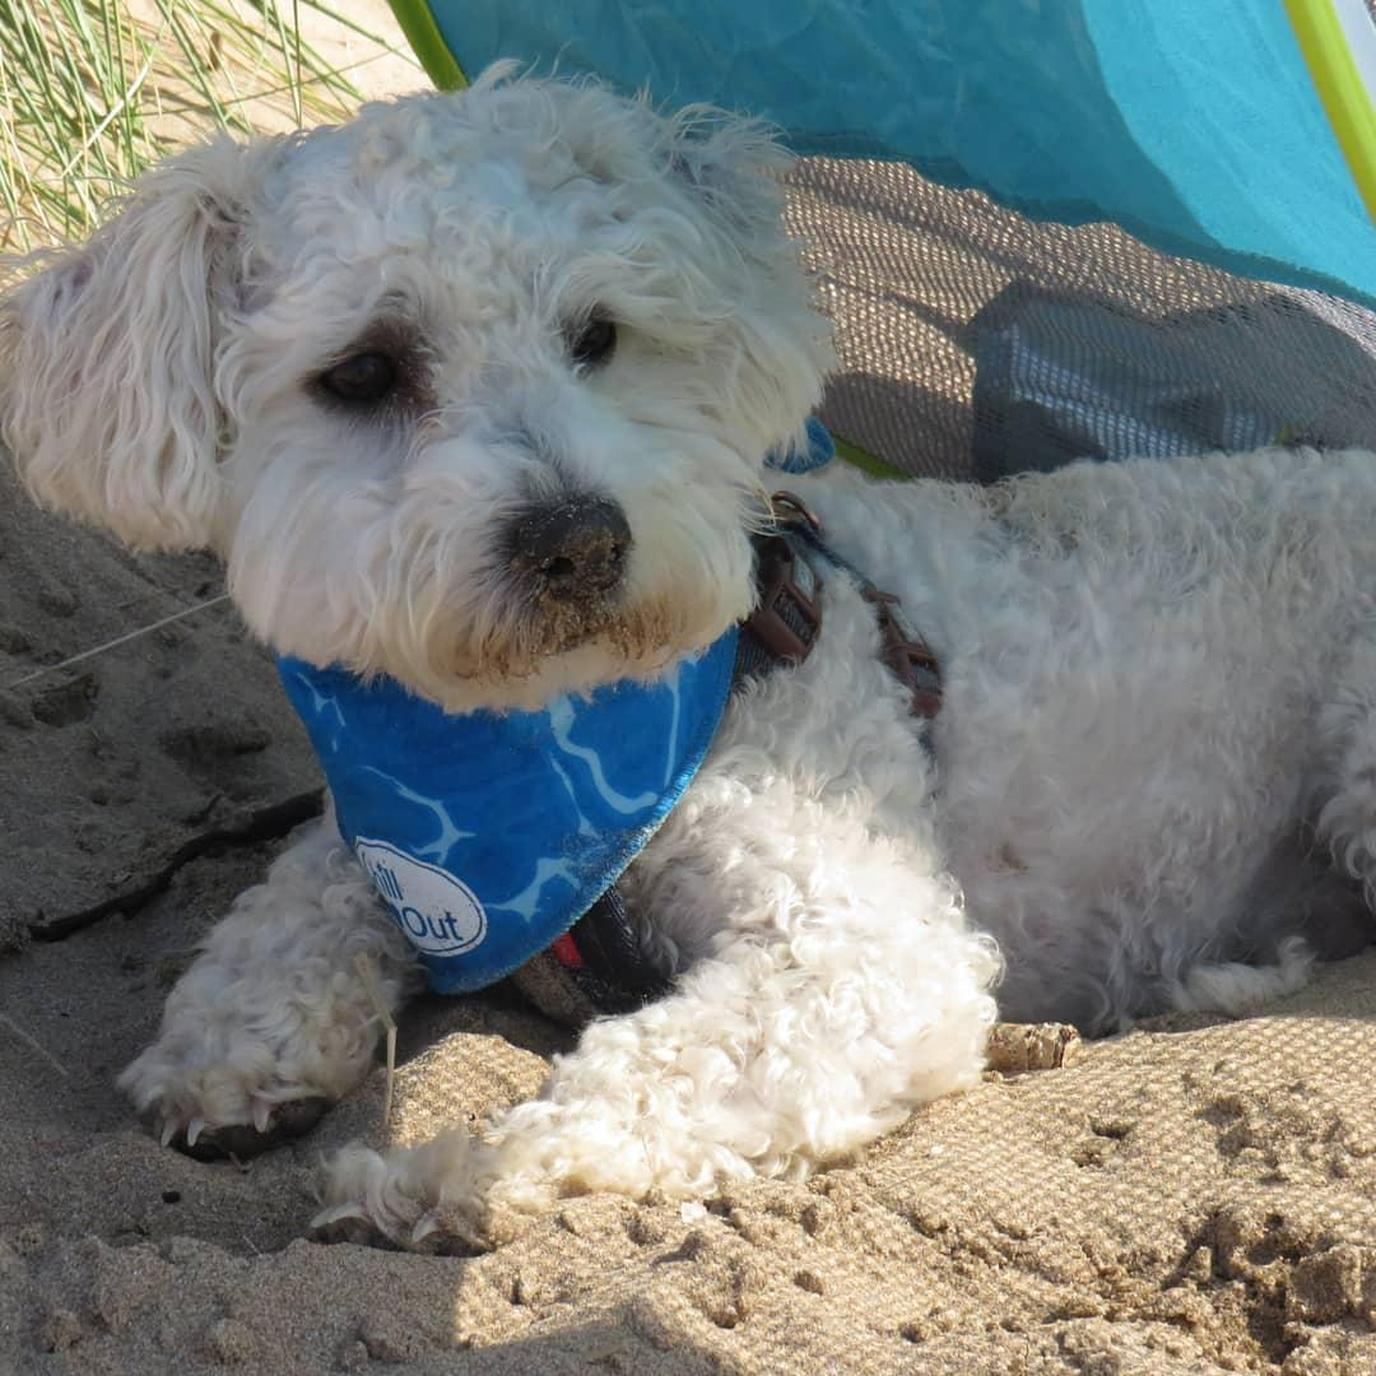 A dog wears an ice bandana to beat the summer heat.